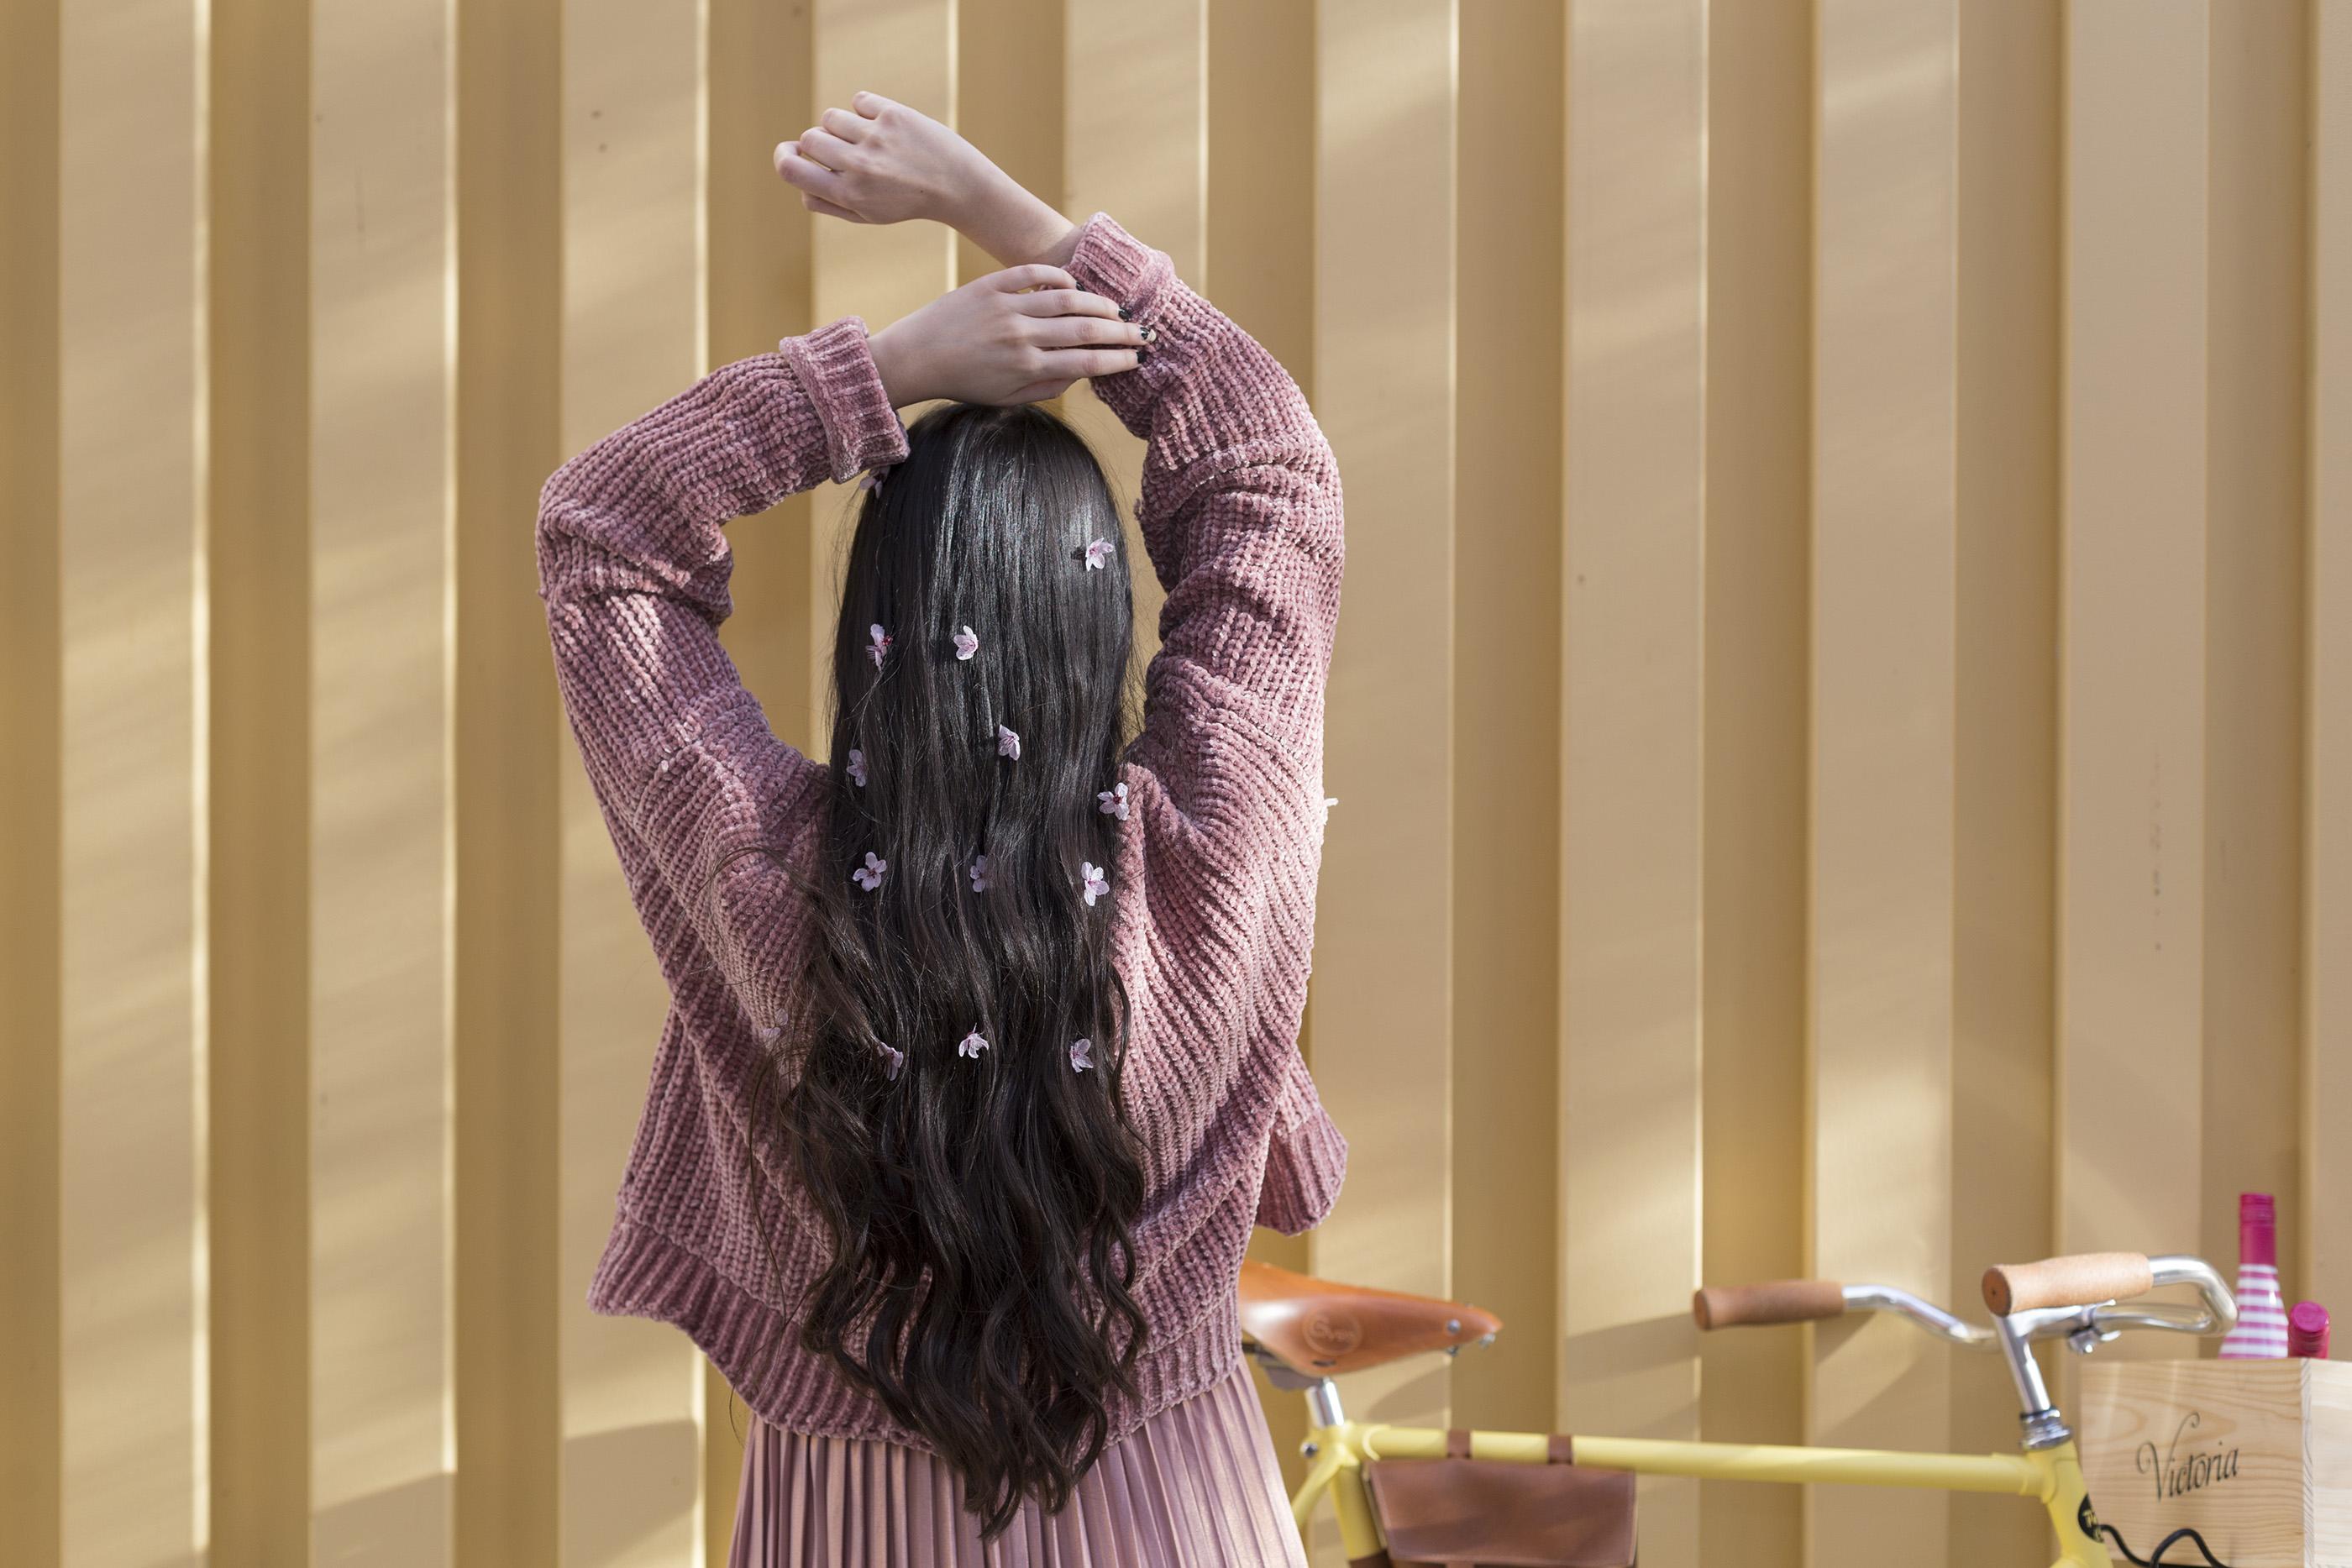 Barros naturales en el pelo de secretos del agua en Atrezzo Peluqueria Zaragoza. Almucaste con flores en el pelo por la Primavera con fotos de kinojam